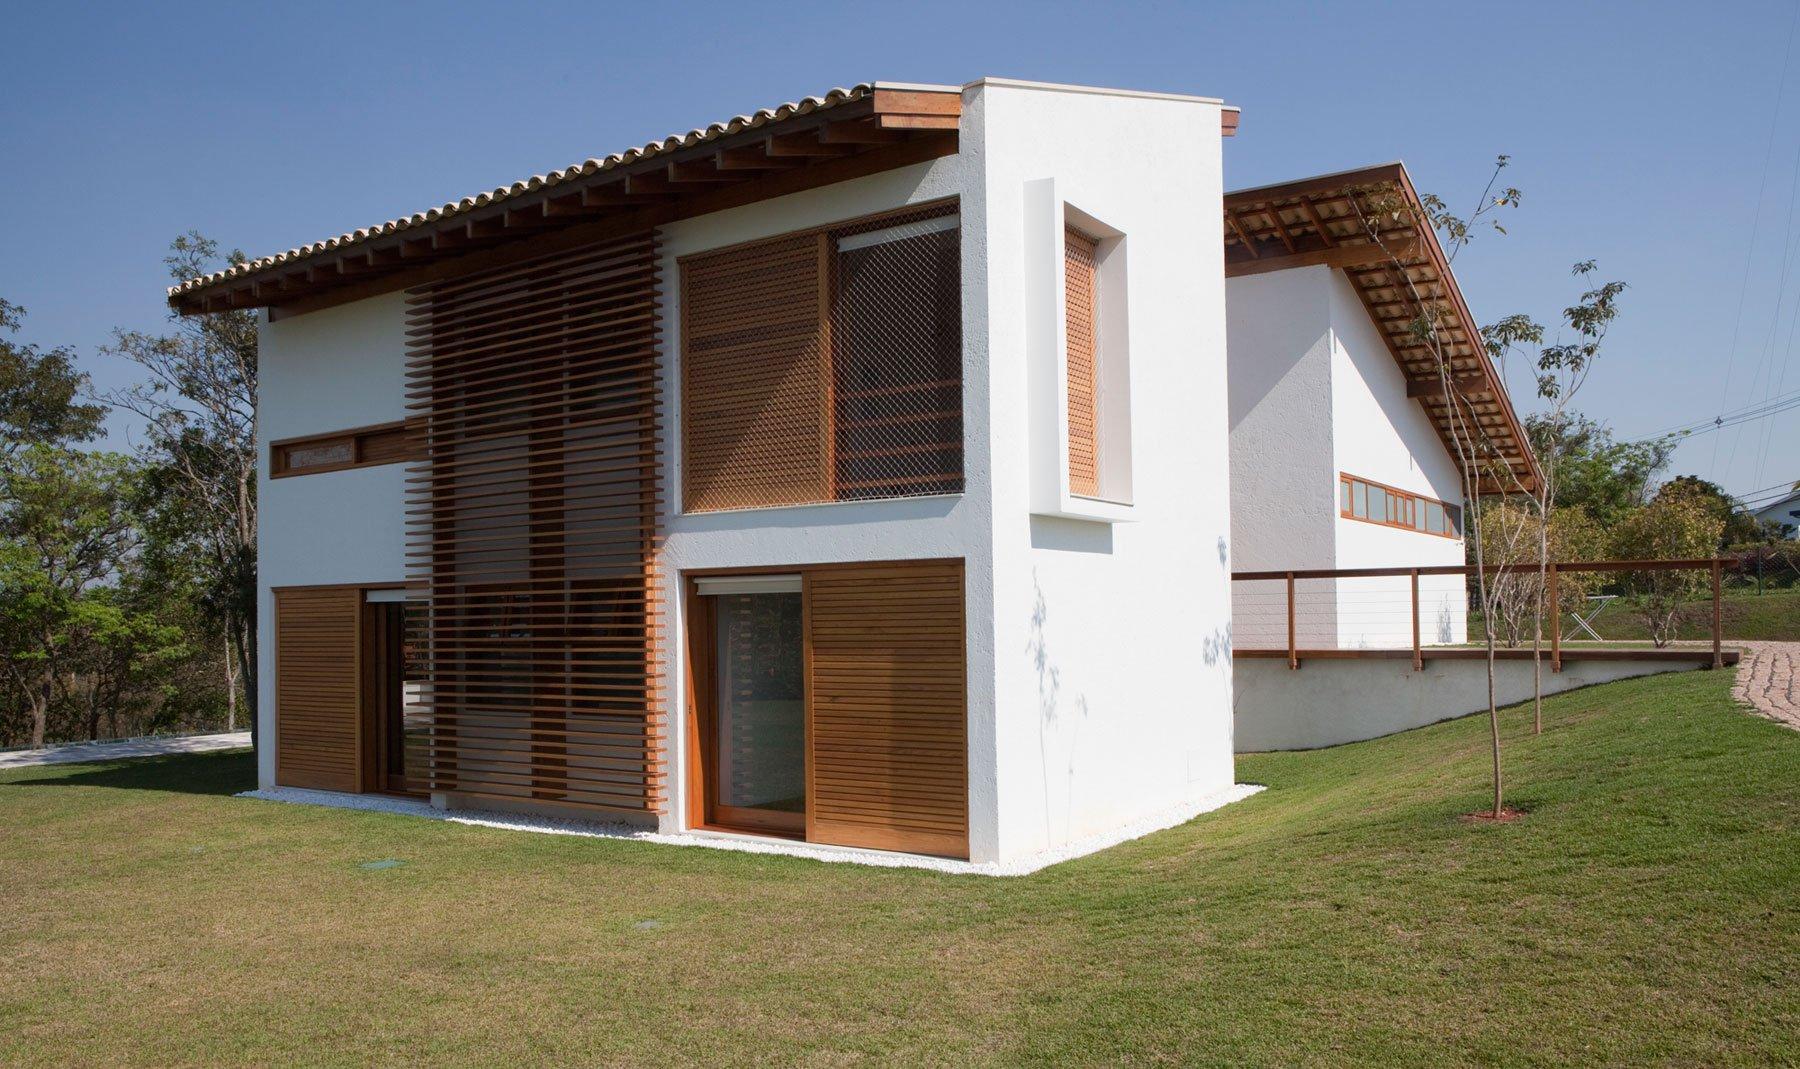 Casa de campo de madera y hormig n de 280 metros cuadrados - Casas de madera y hormigon ...